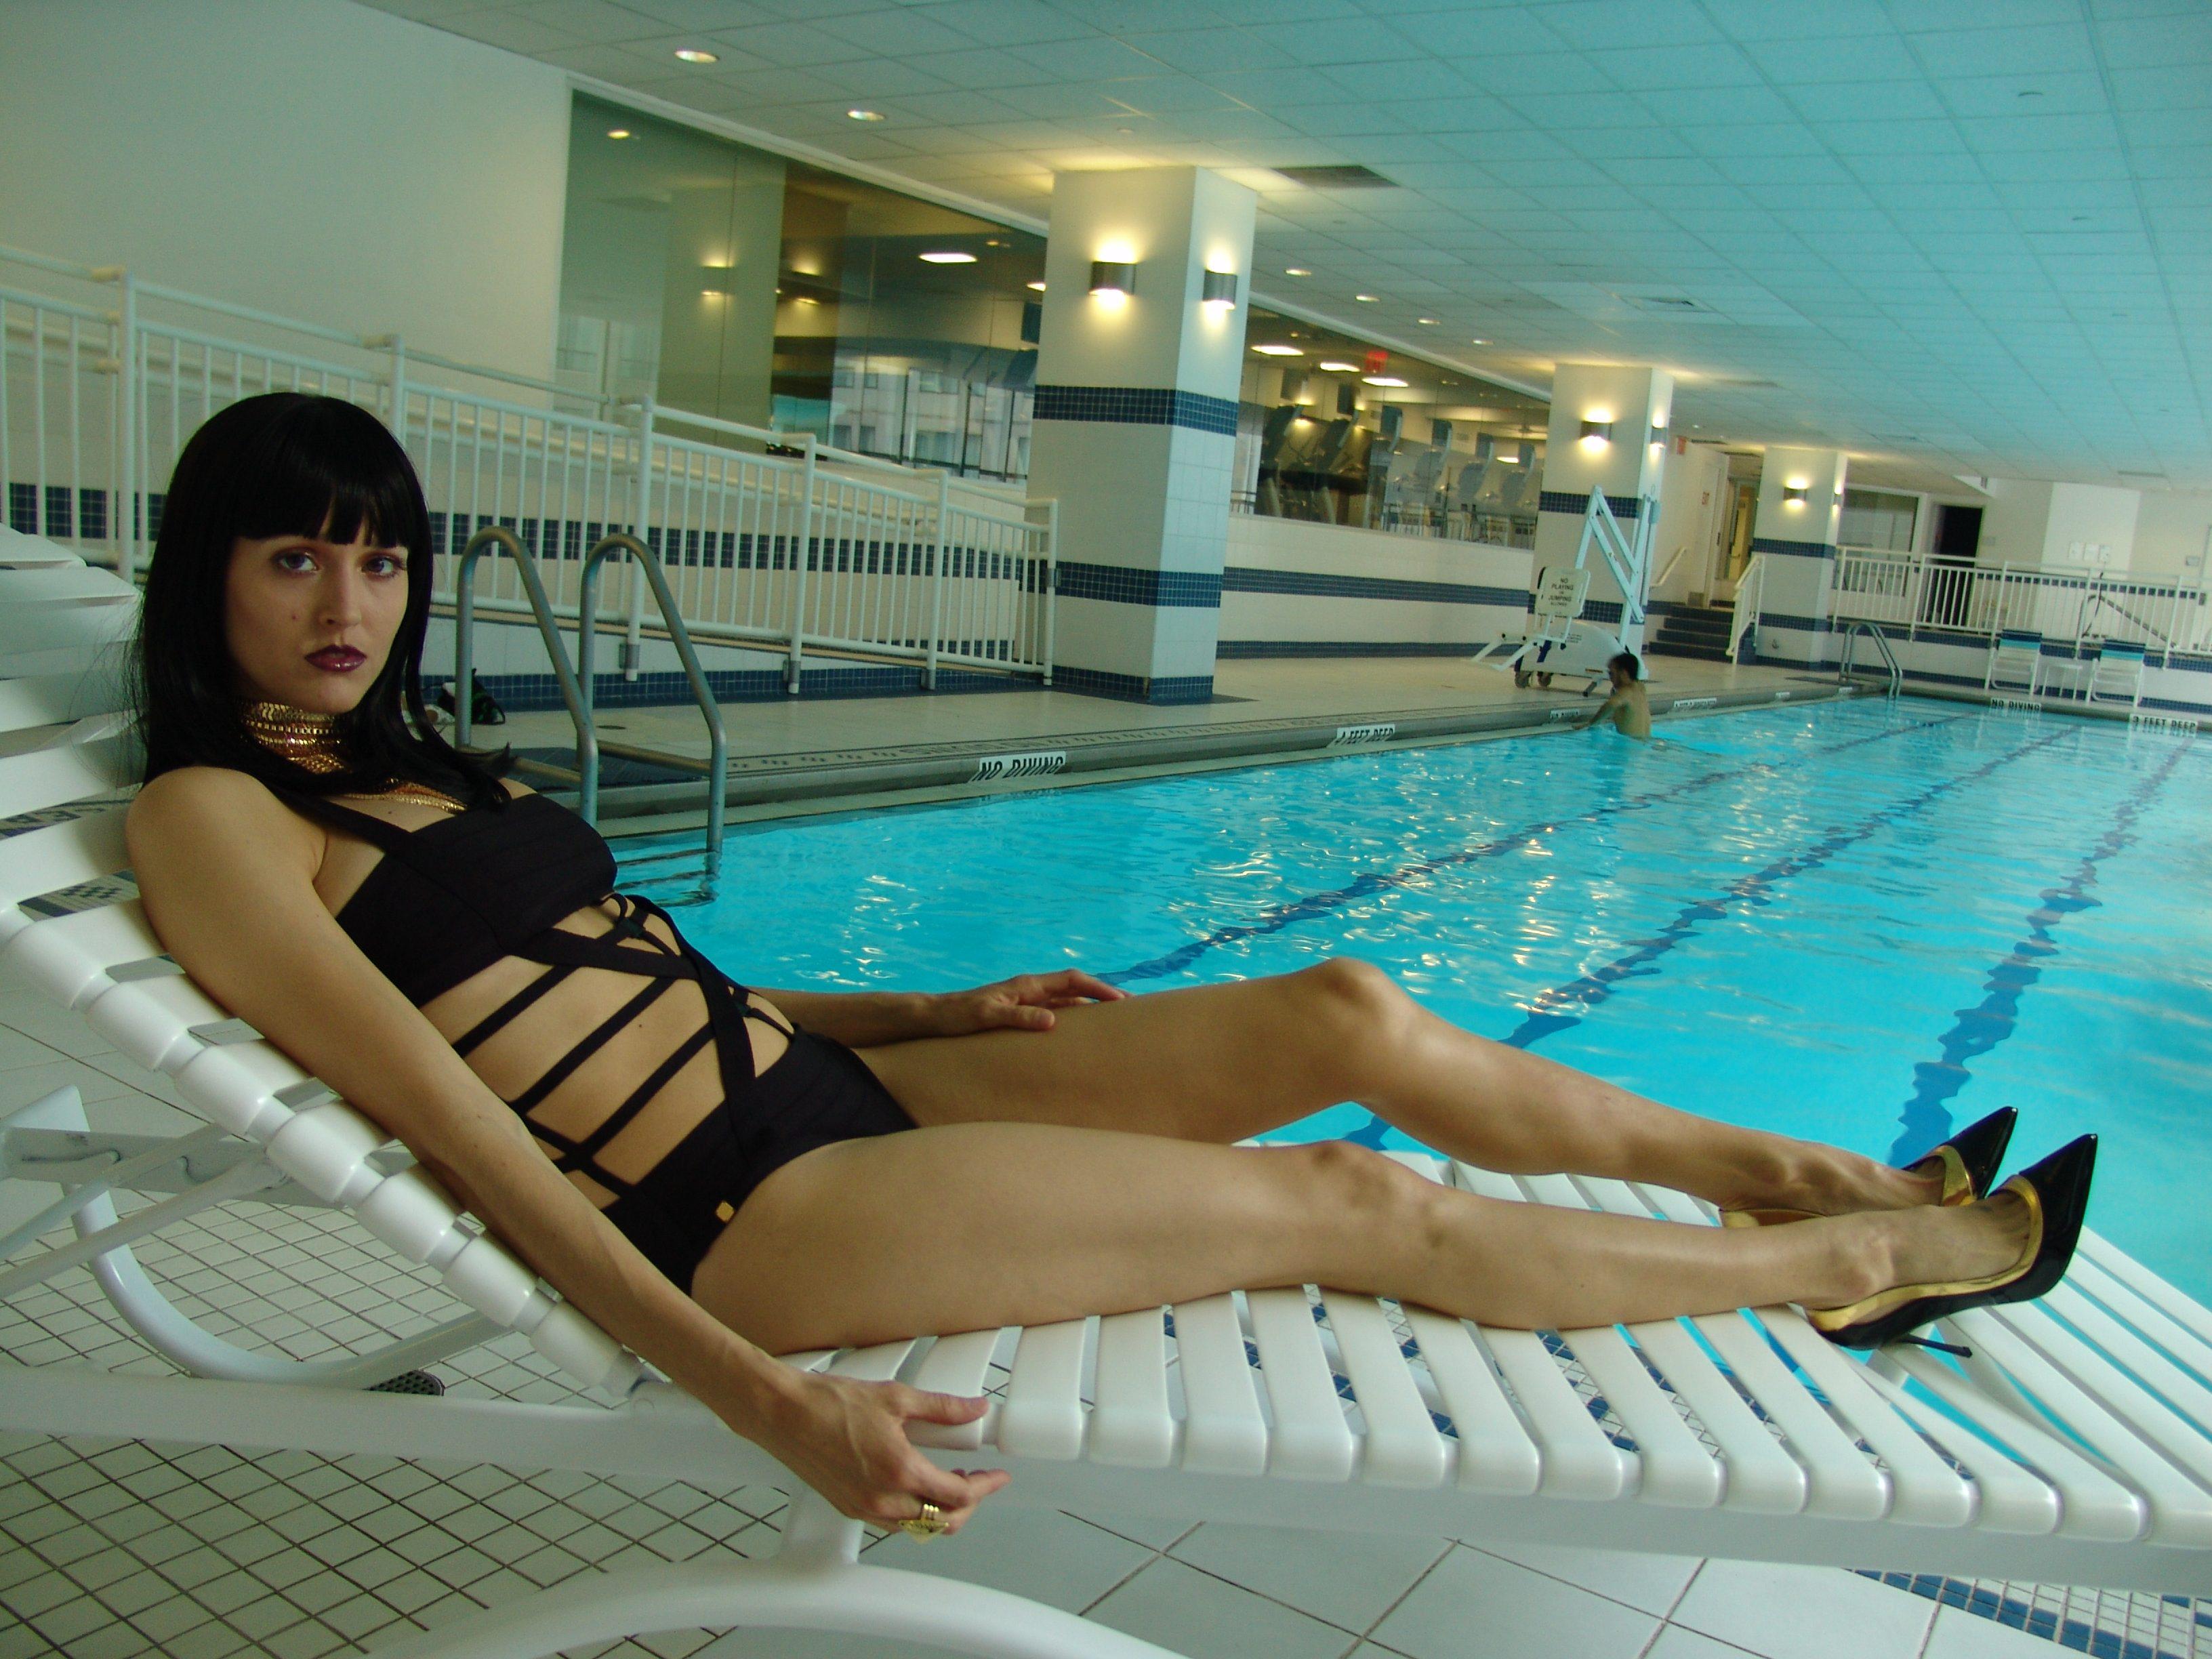 Cleo black swimsuit full length option #1.jpg